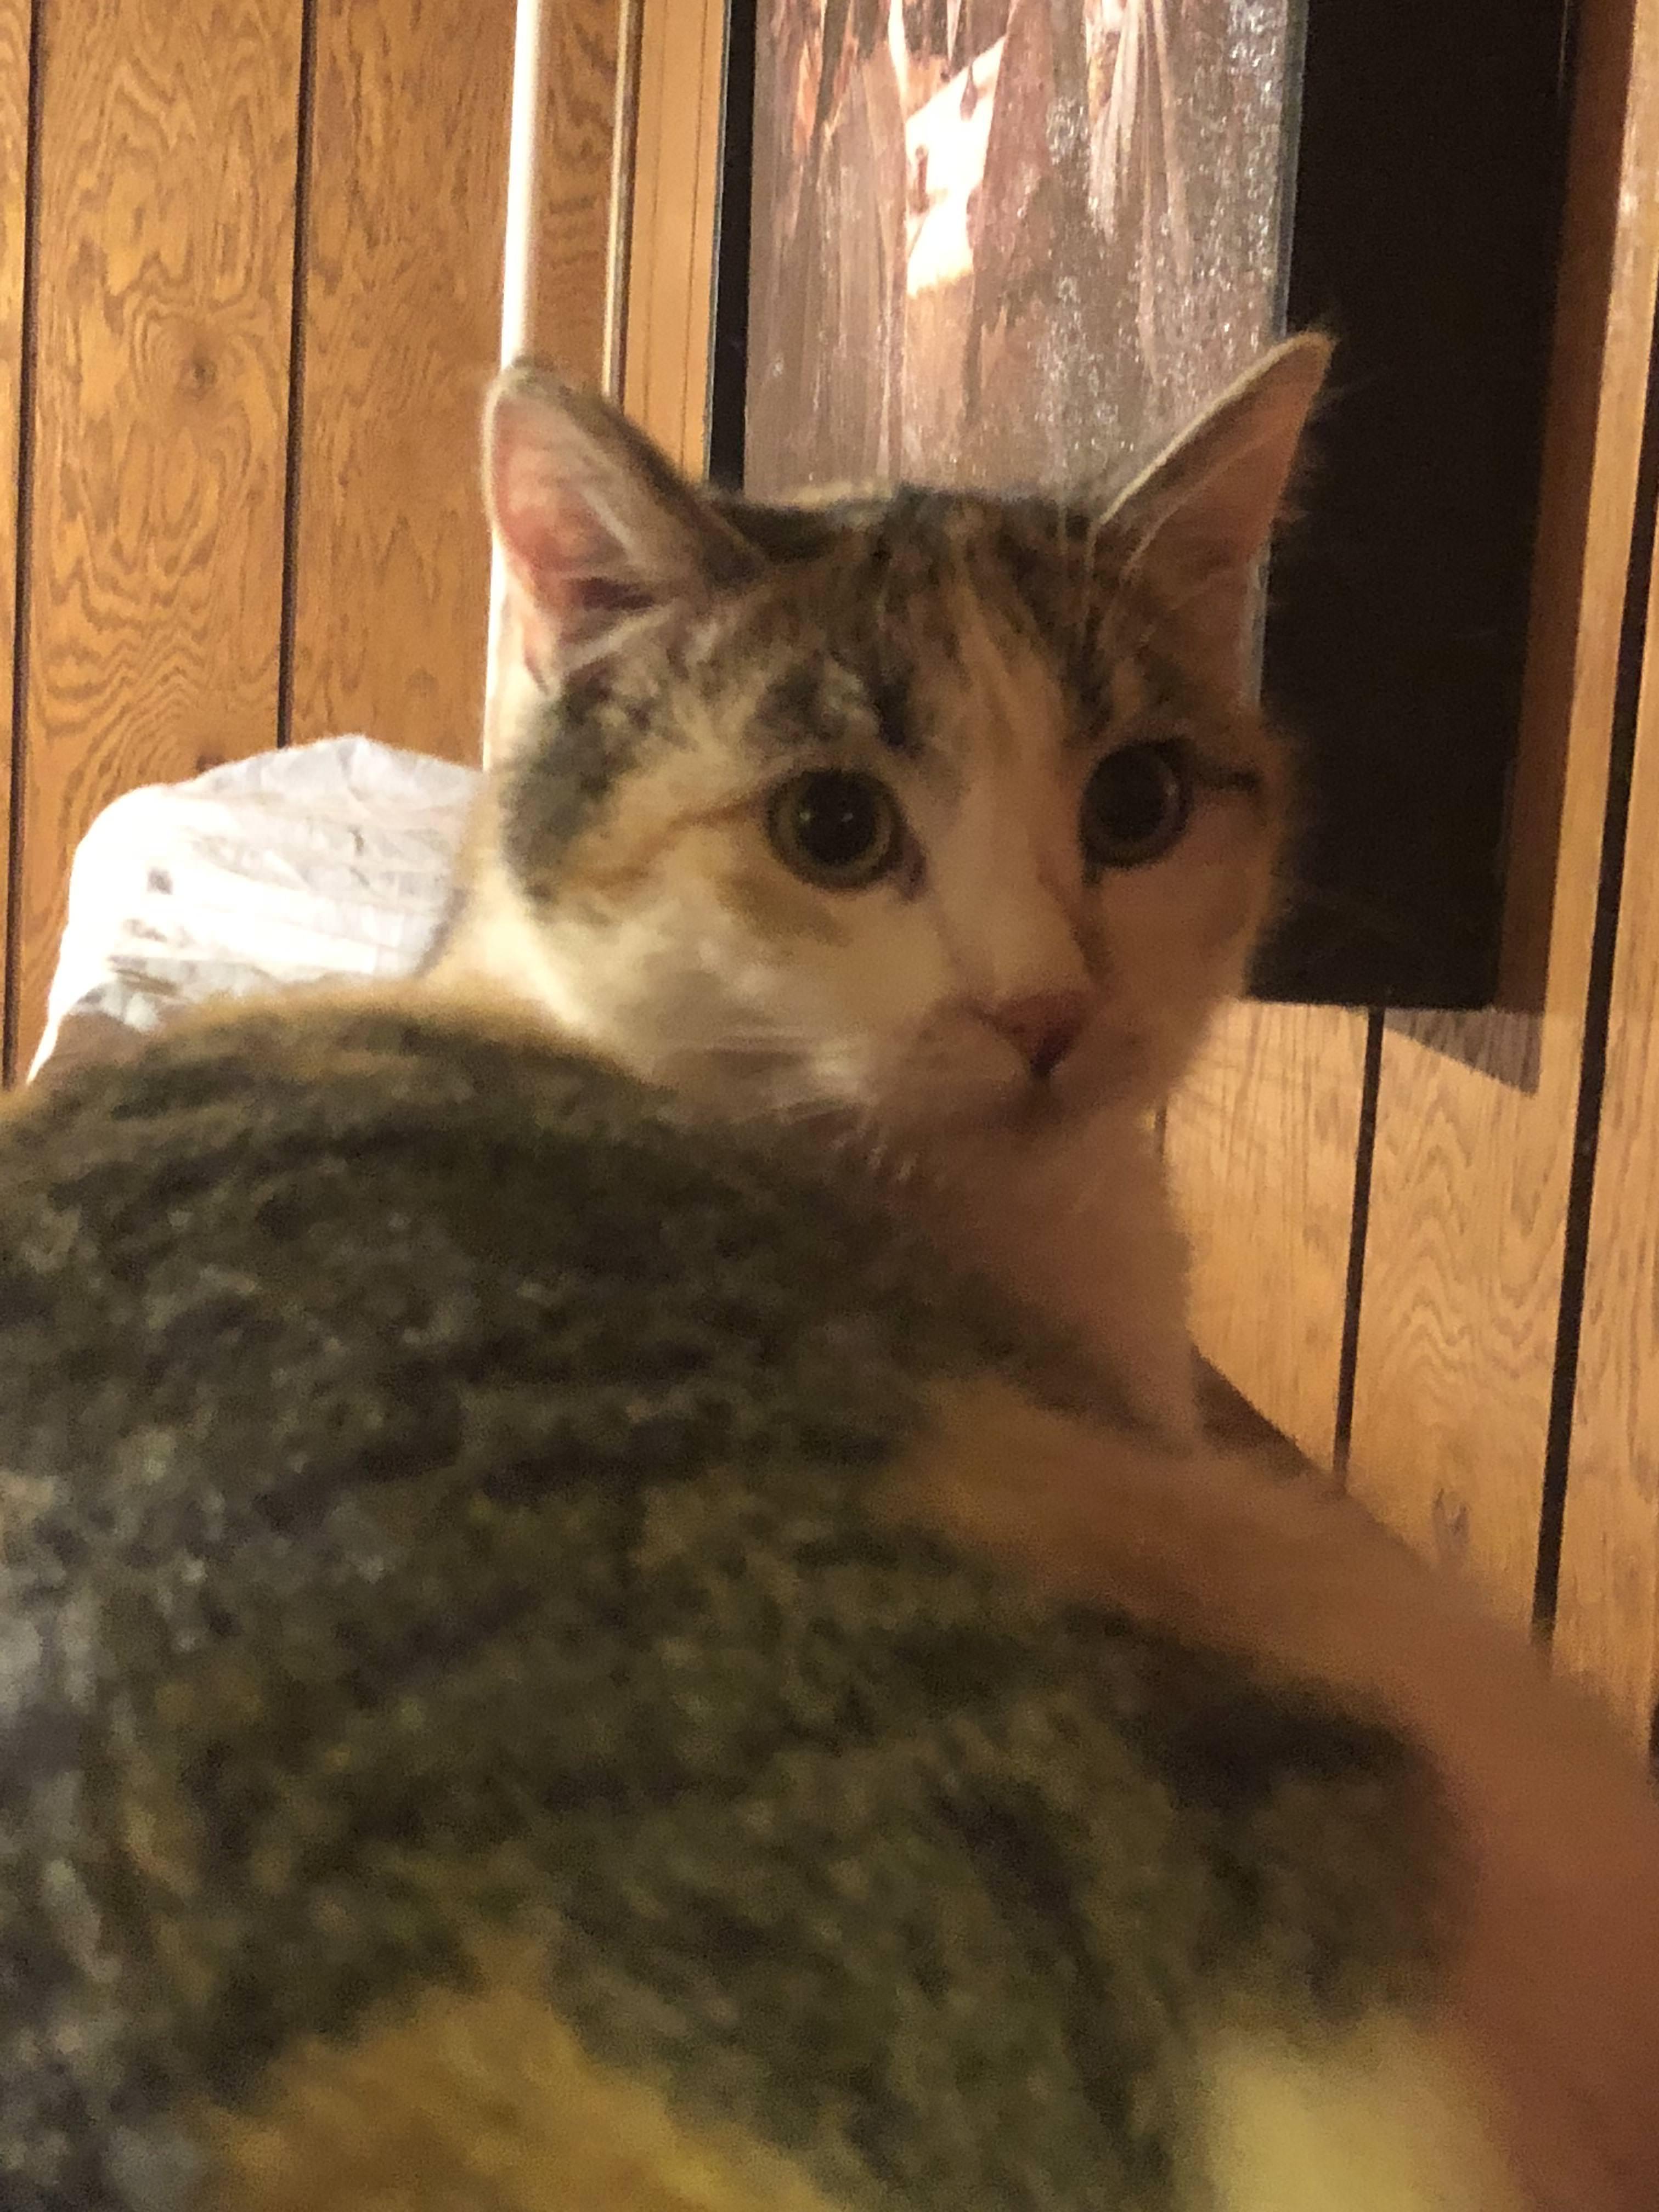 Curious Kitty - Album on Imgur